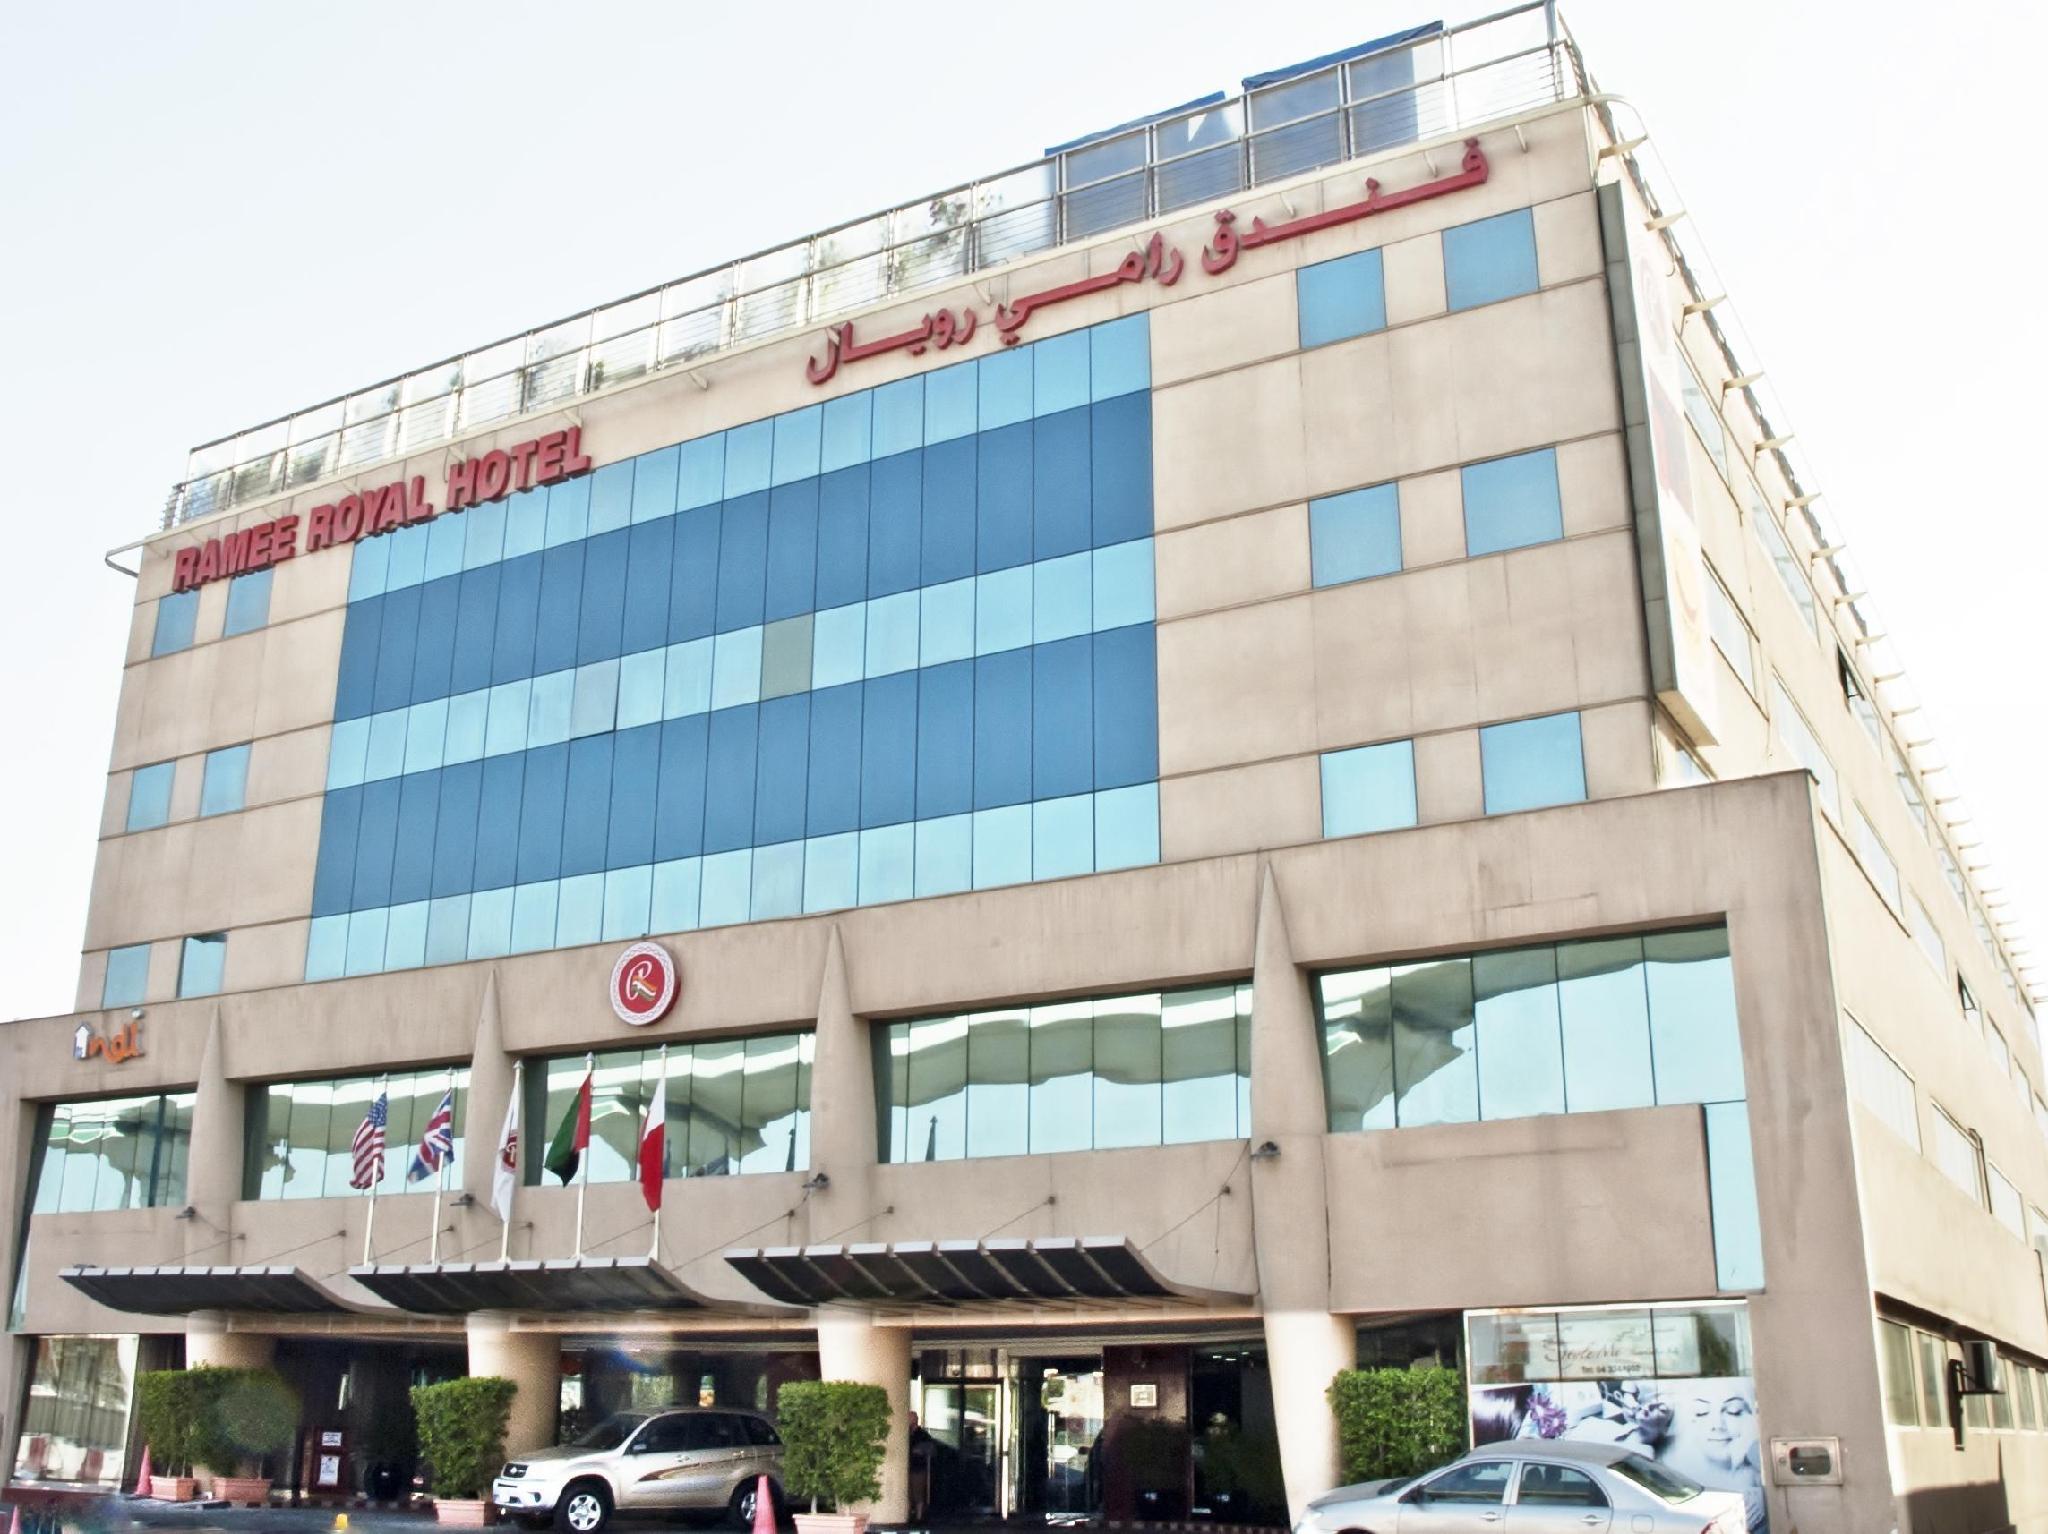 Ramee royal hotel bur dubai dubai united arab emirates for Dubai hotel name